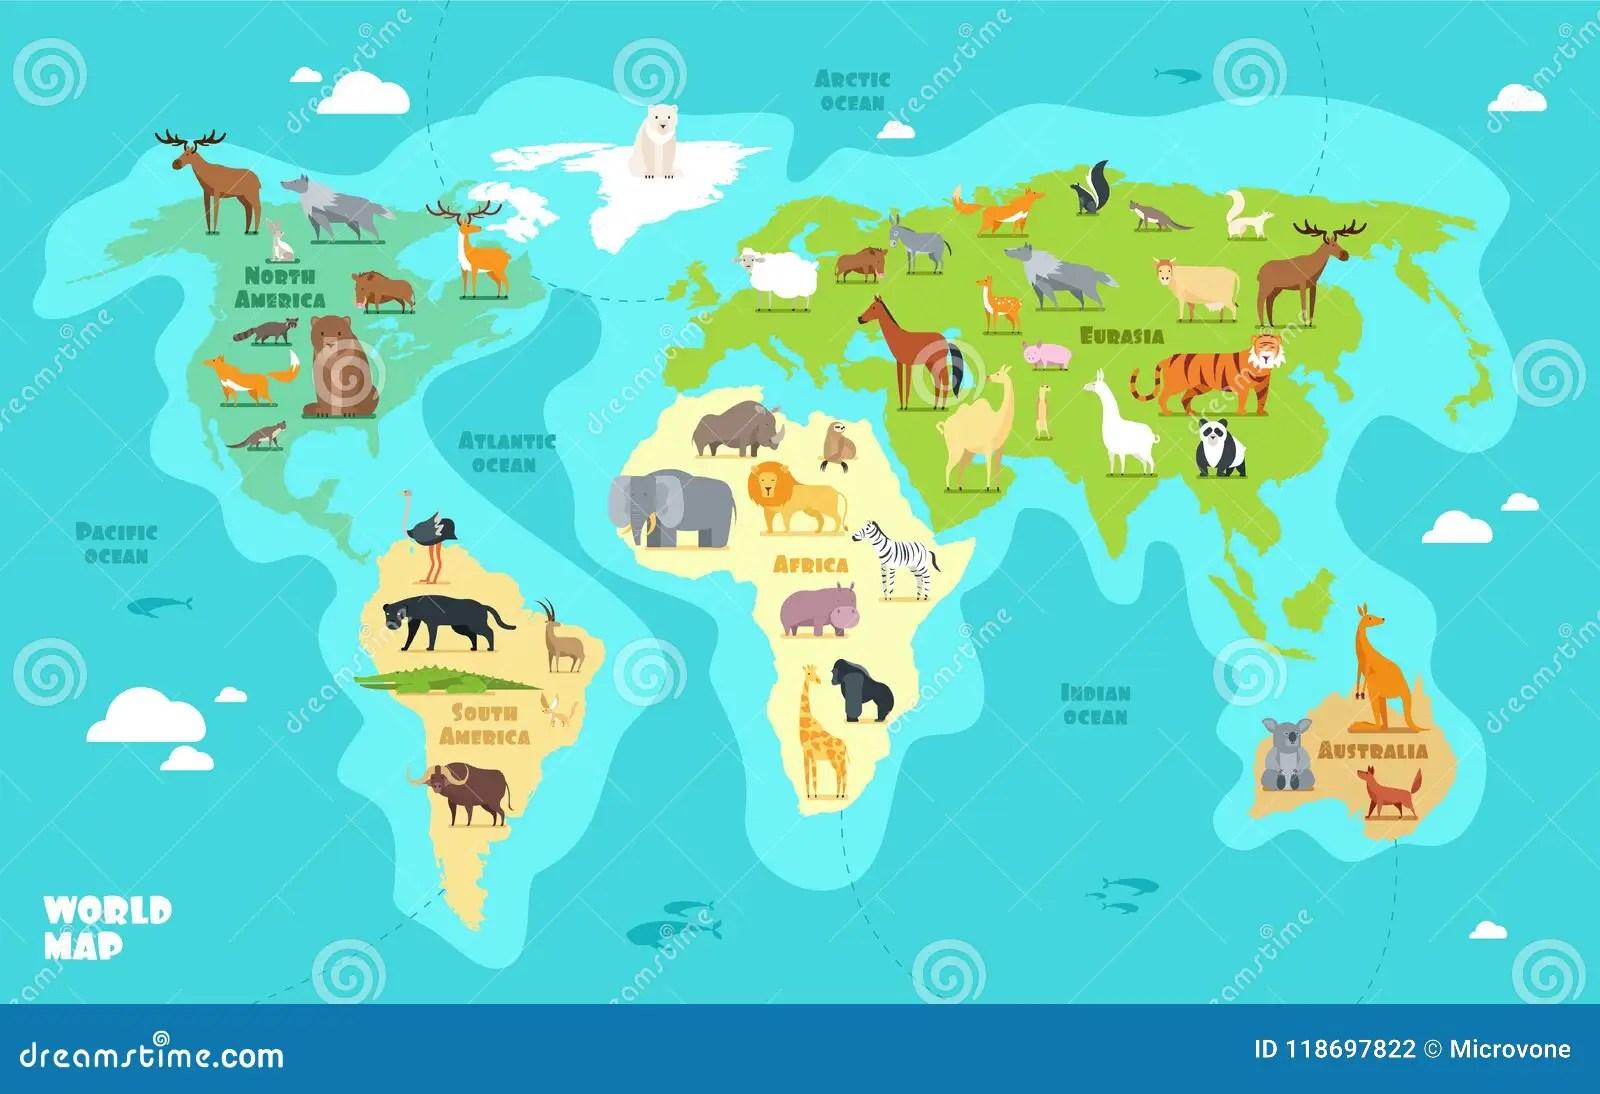 Mapa Del Mundo De La Historieta Con Los Animales Los Oceanos Y Los Continentes Geografia